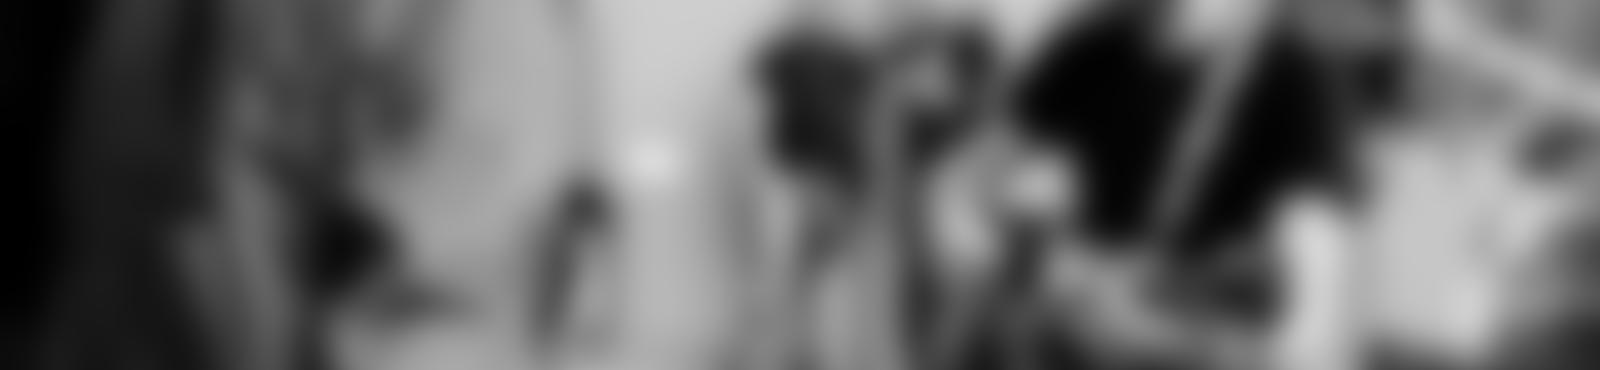 Blurred 3fa674da c7e7 45ac 865a b55a3c6f401b